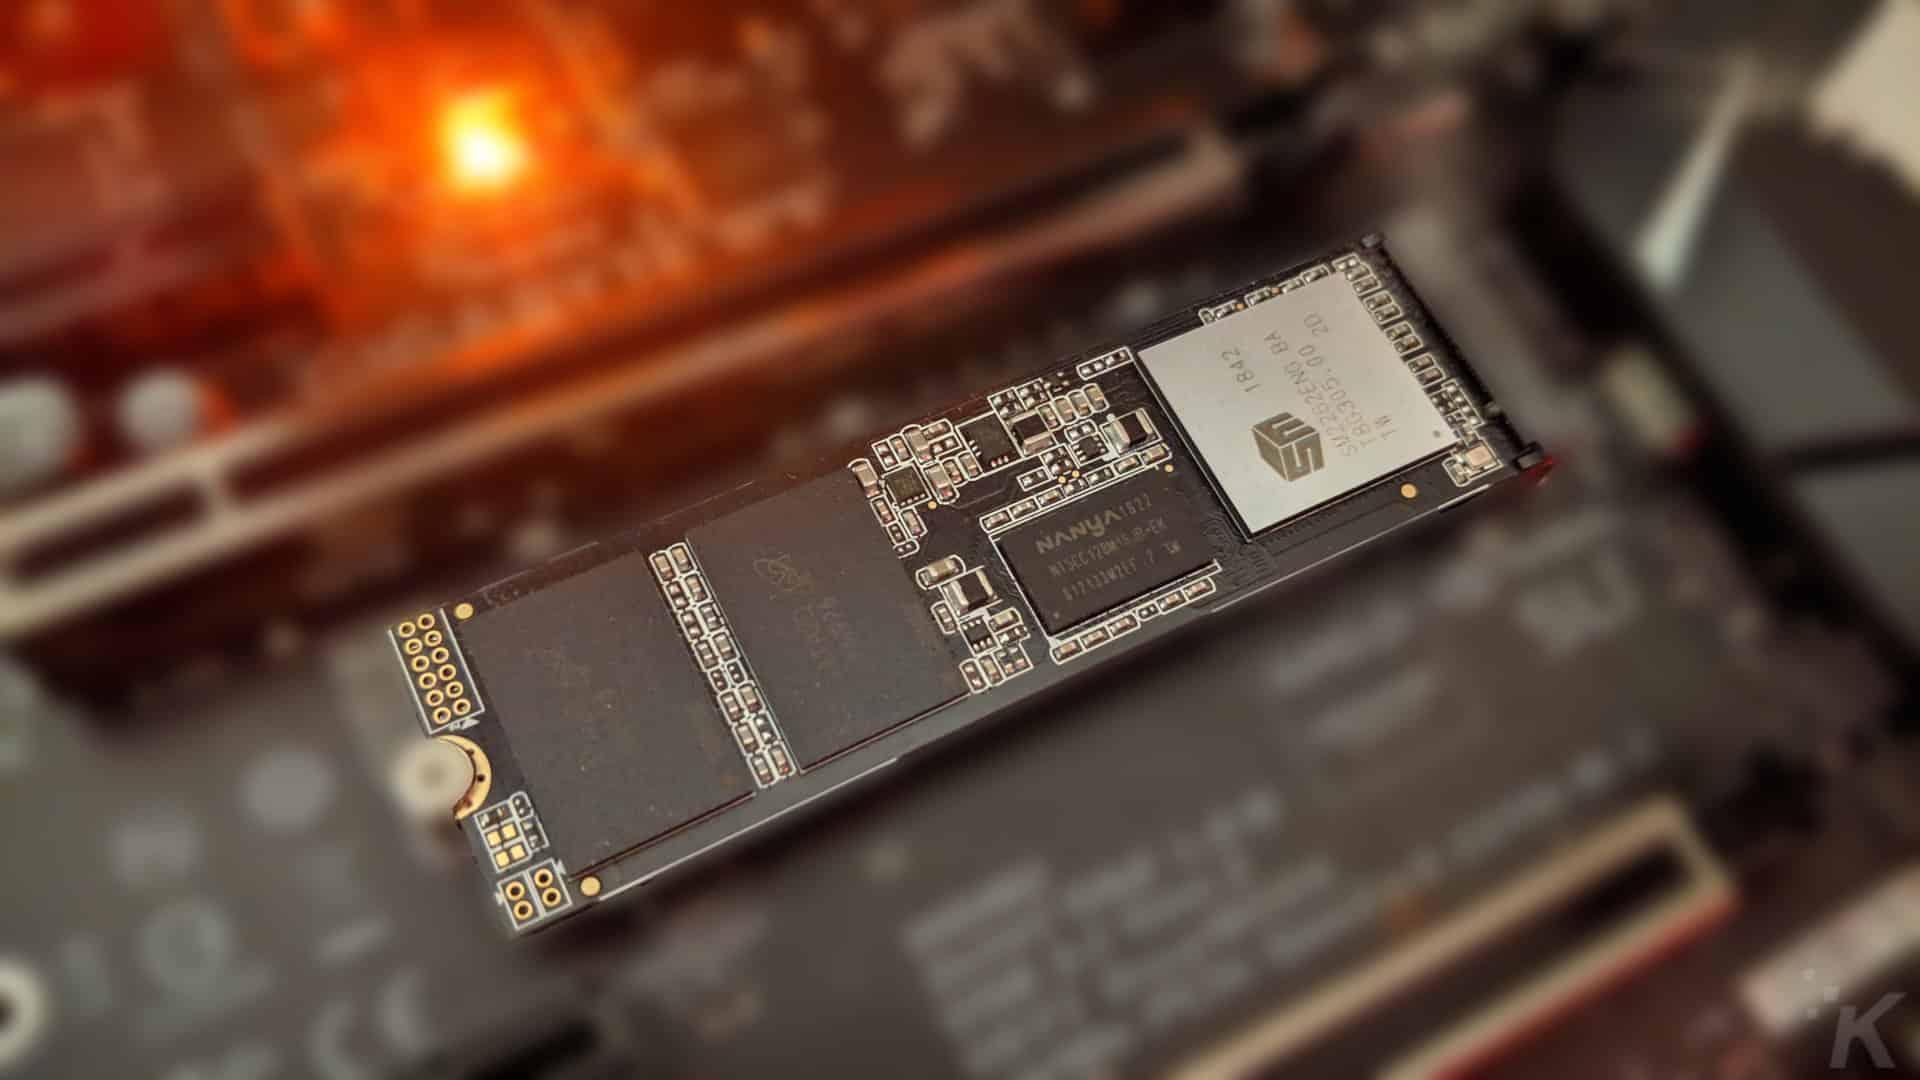 Review: Adata XPG SX8200 Pro 512GB NVMe SSD